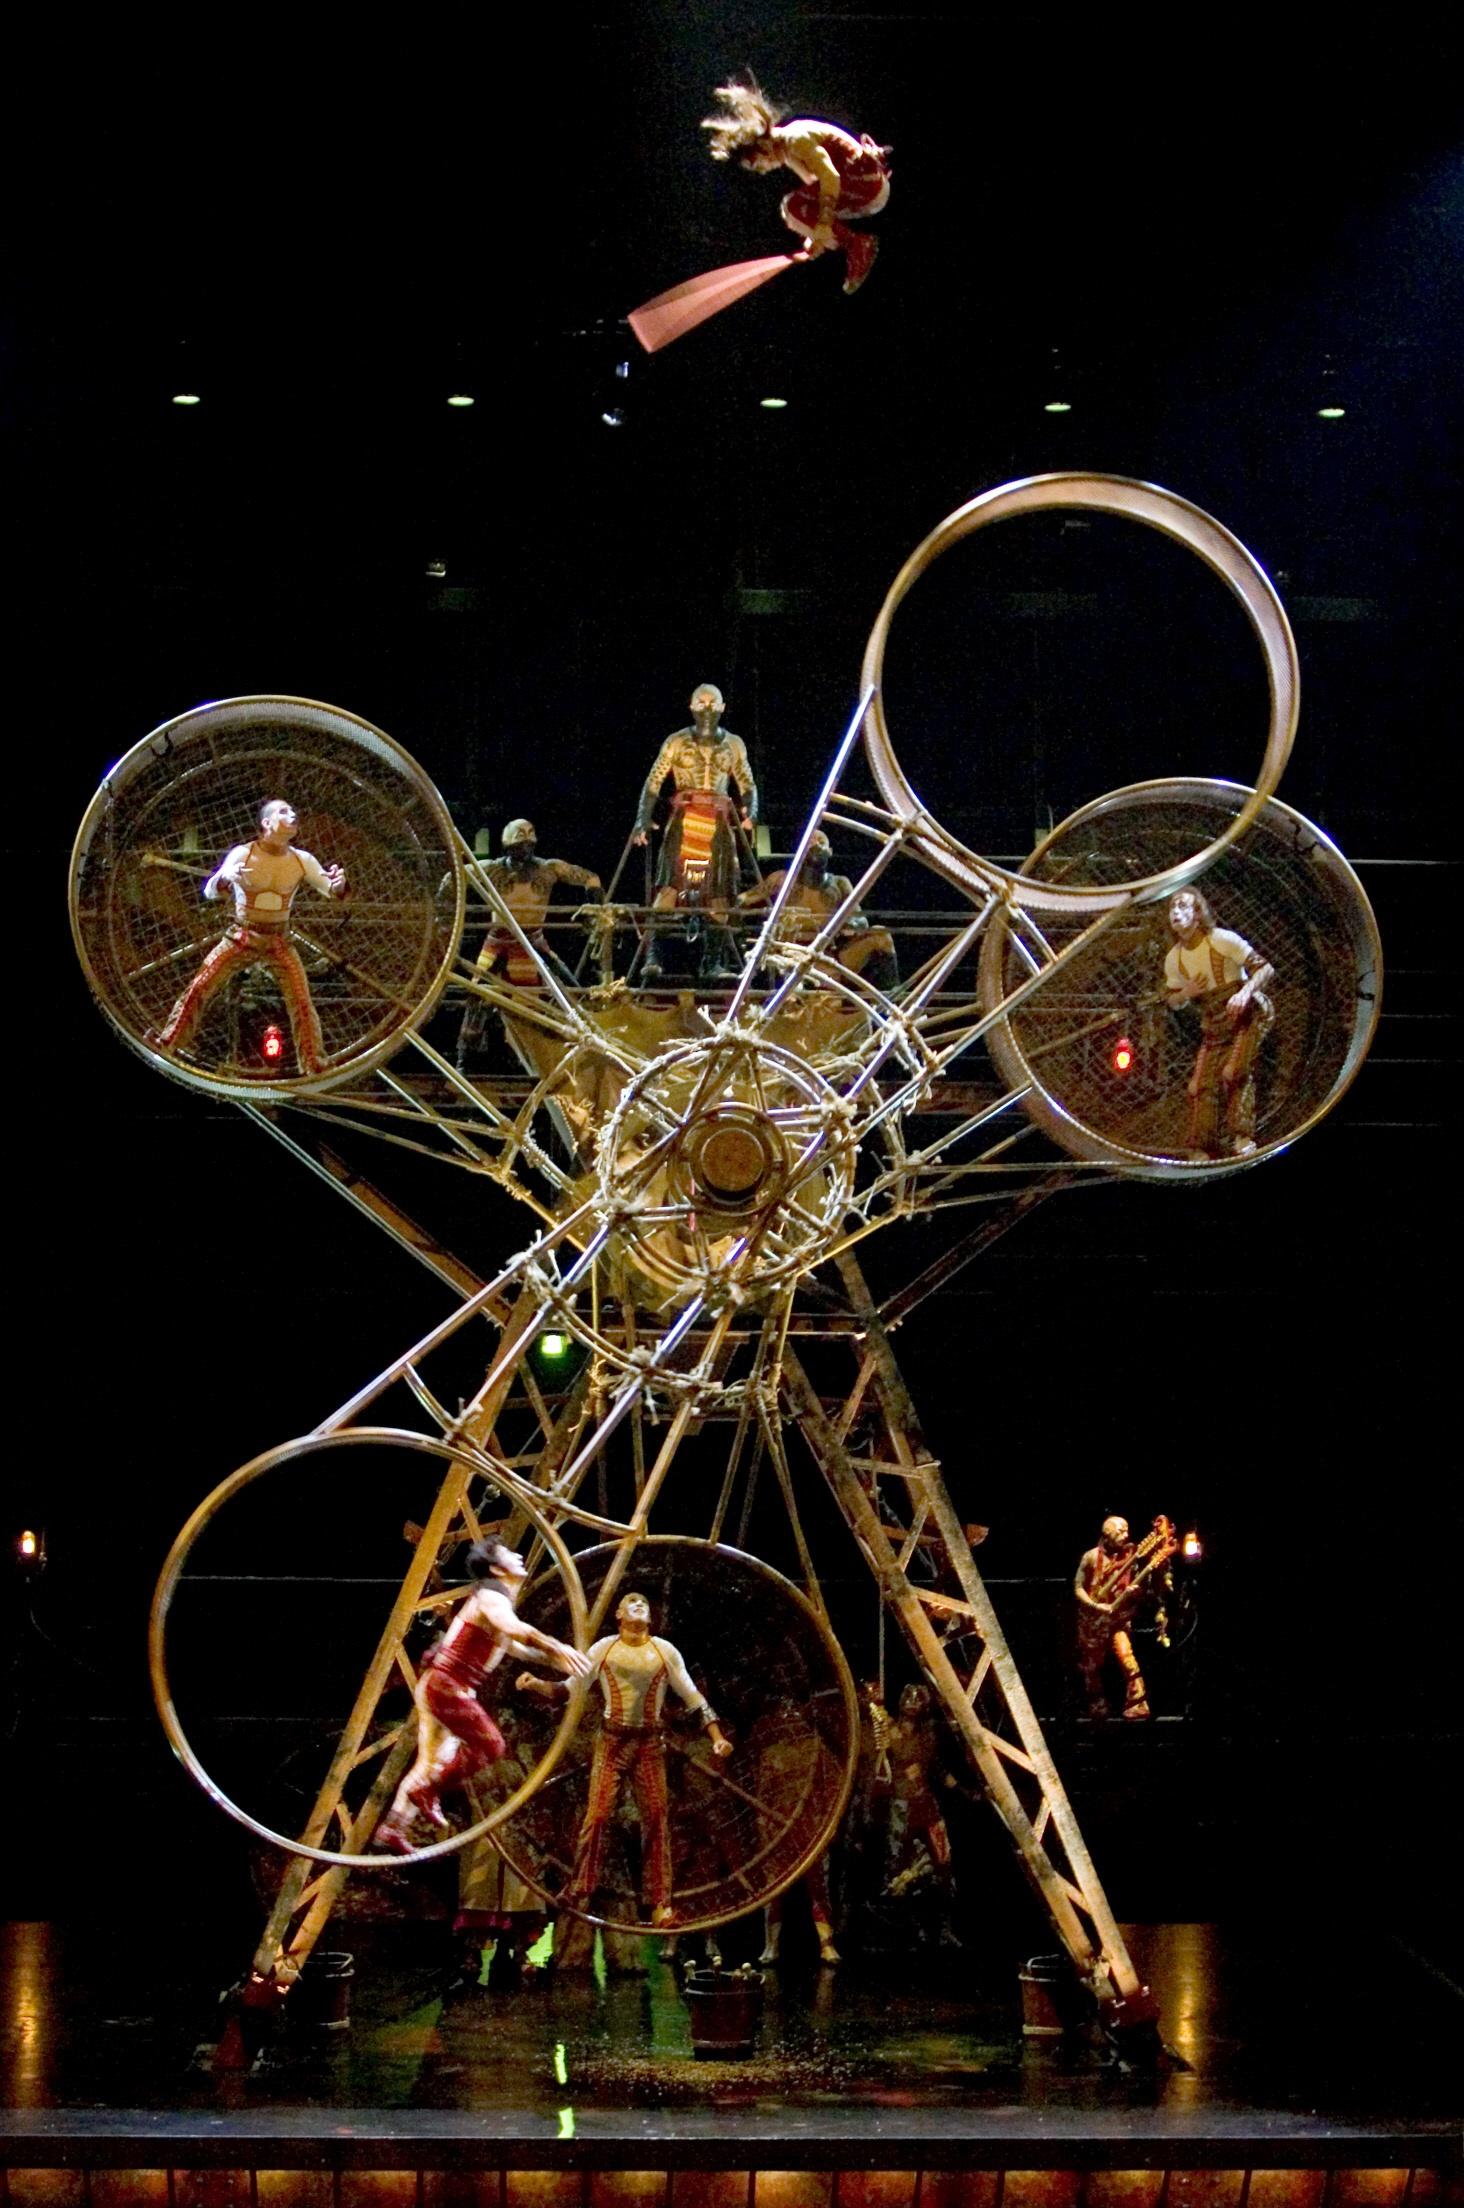 cirque ka wheel death